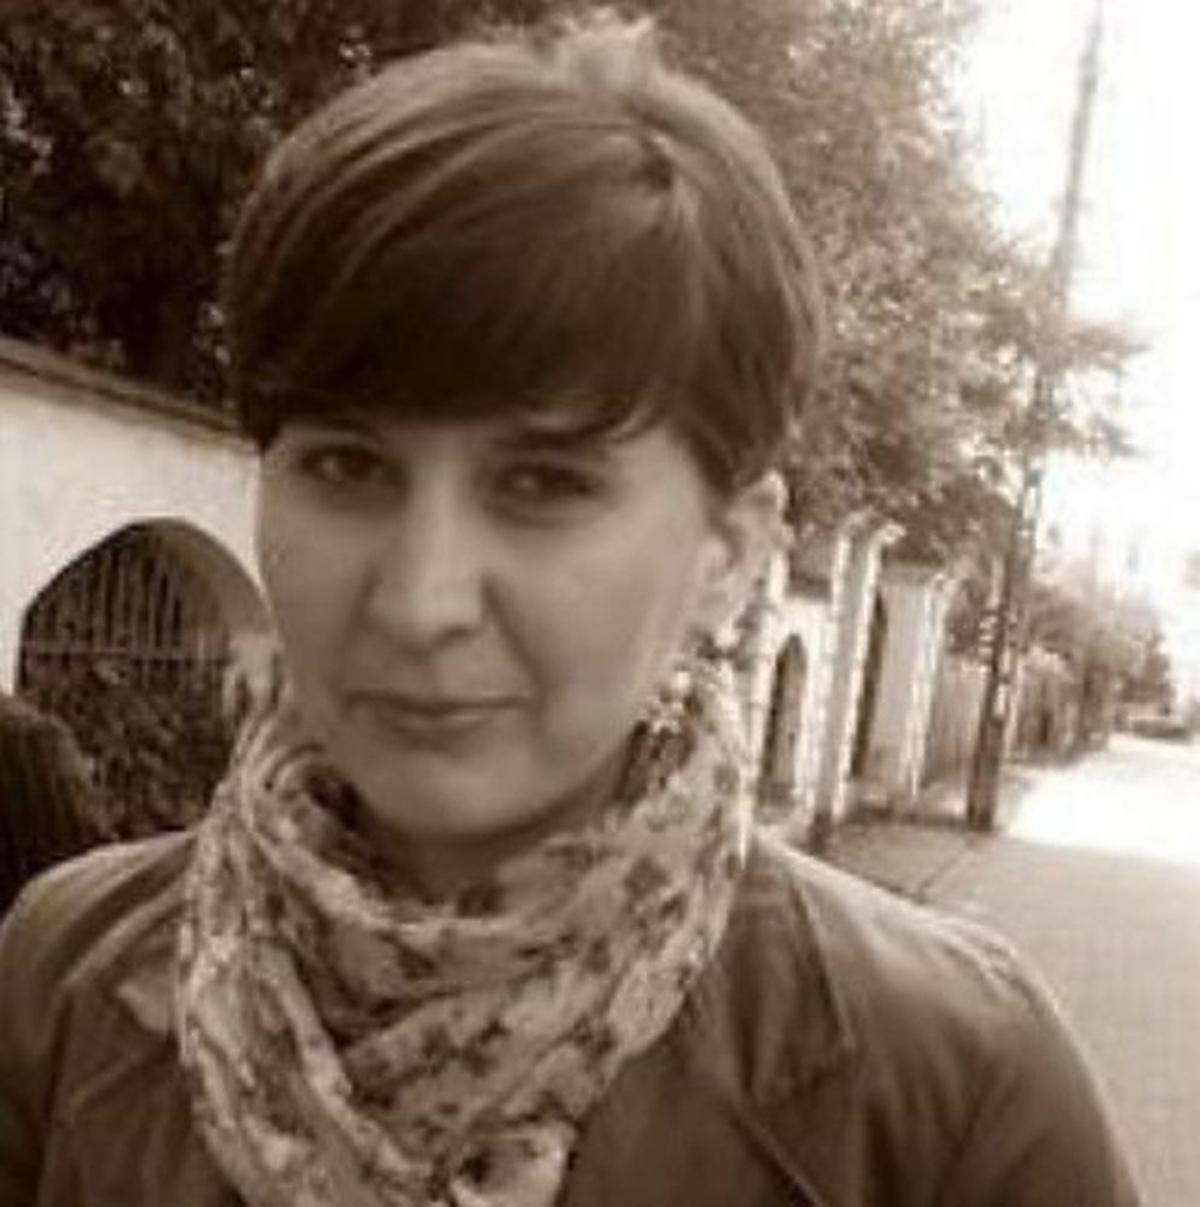 Agata Rusak - kandydatka Łukasza z Rolnik szuka żony